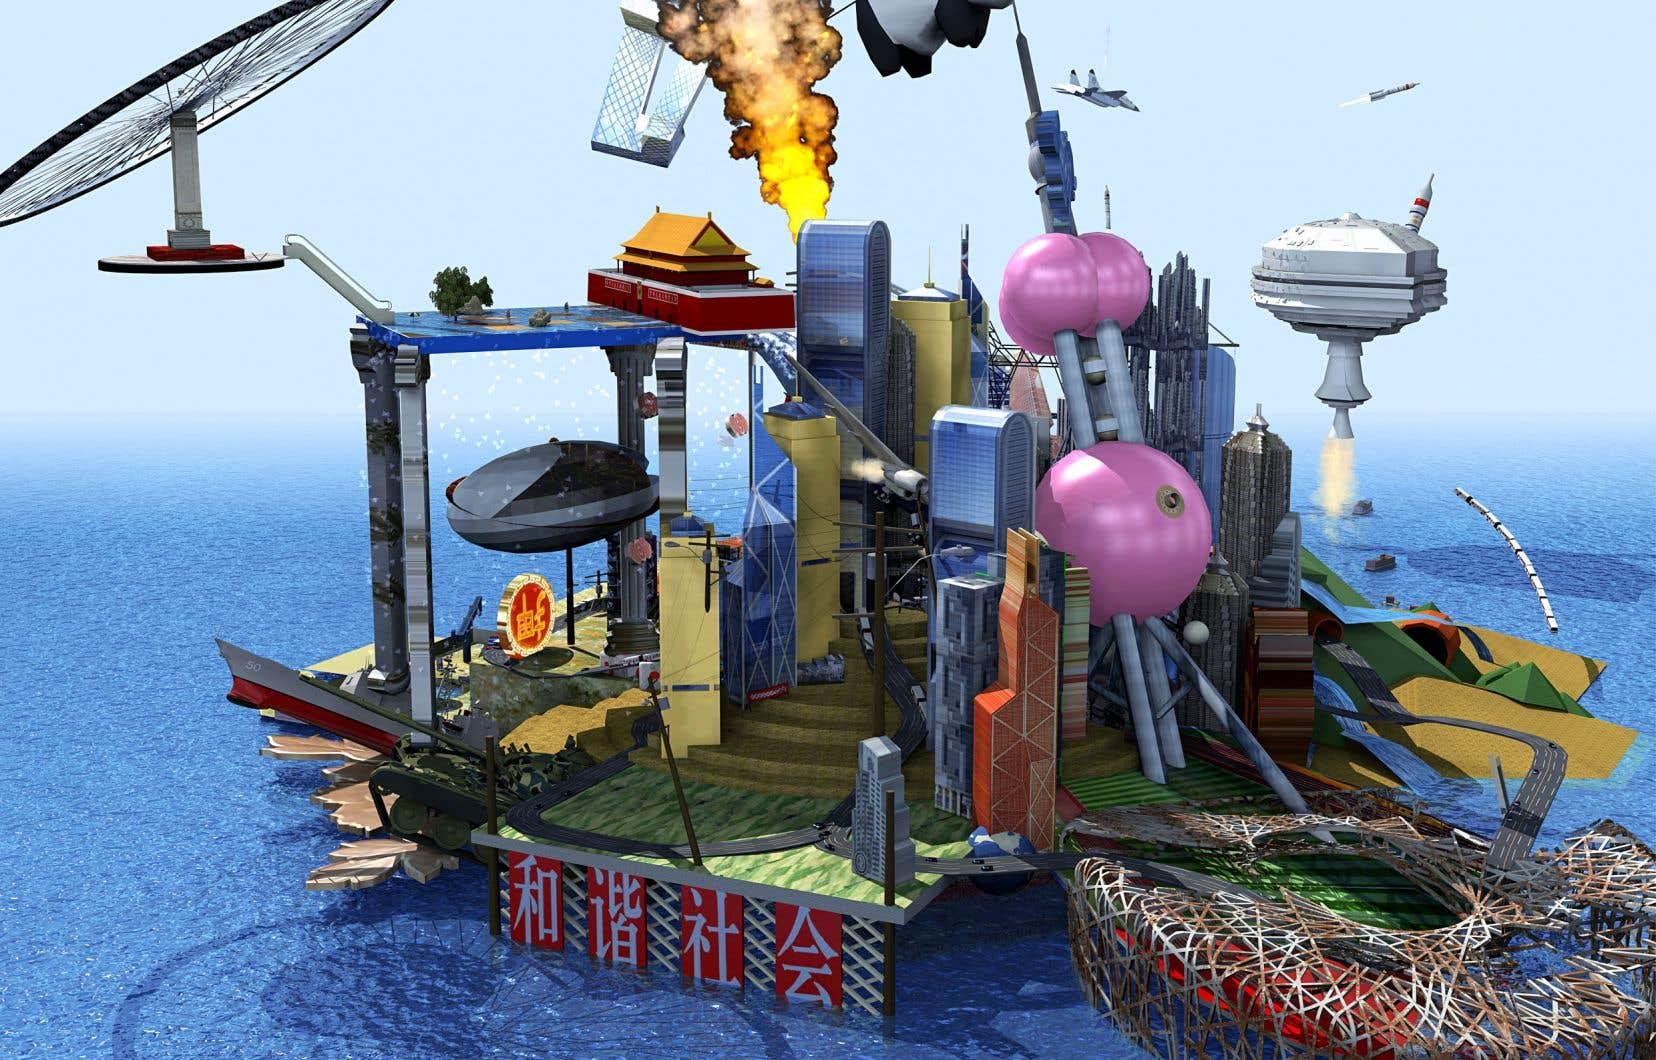 L'artiste basée à Pékin Cao Fei, une habituée du circuit international de l'art, présente «RMB City: A Second Life City Planning by China Tracy (aka: Cao Fei)», 2007. La vidéo imagine un microcosme de la Chine urbaine en guise d'utopie critique au «monde de rêve» annoncé par les JO de 2008.